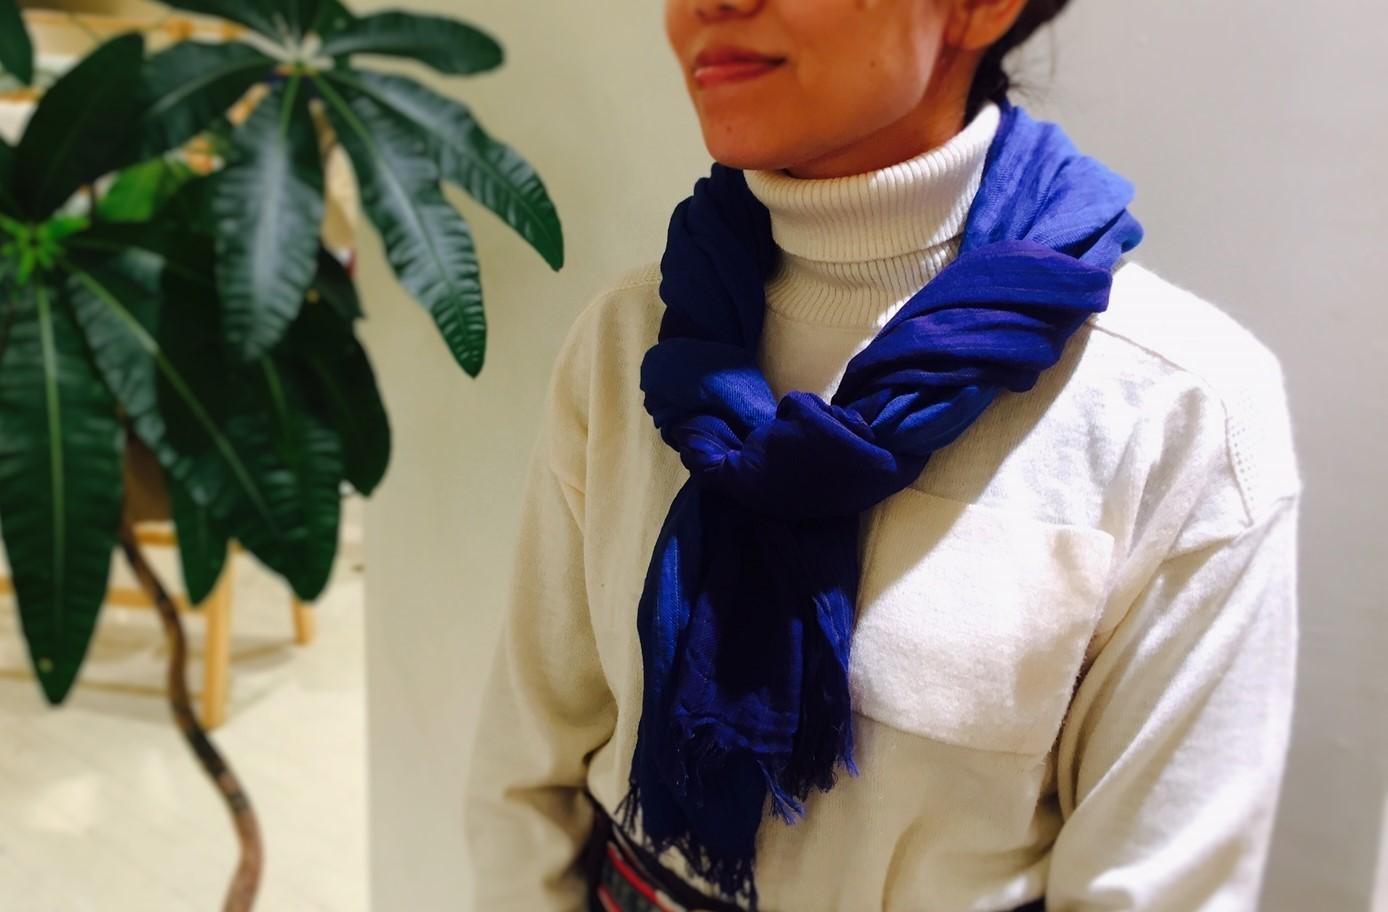 秋冬の首元に。播州織ストール 新色入荷のお知らせです^^_e0295731_14545836.jpg